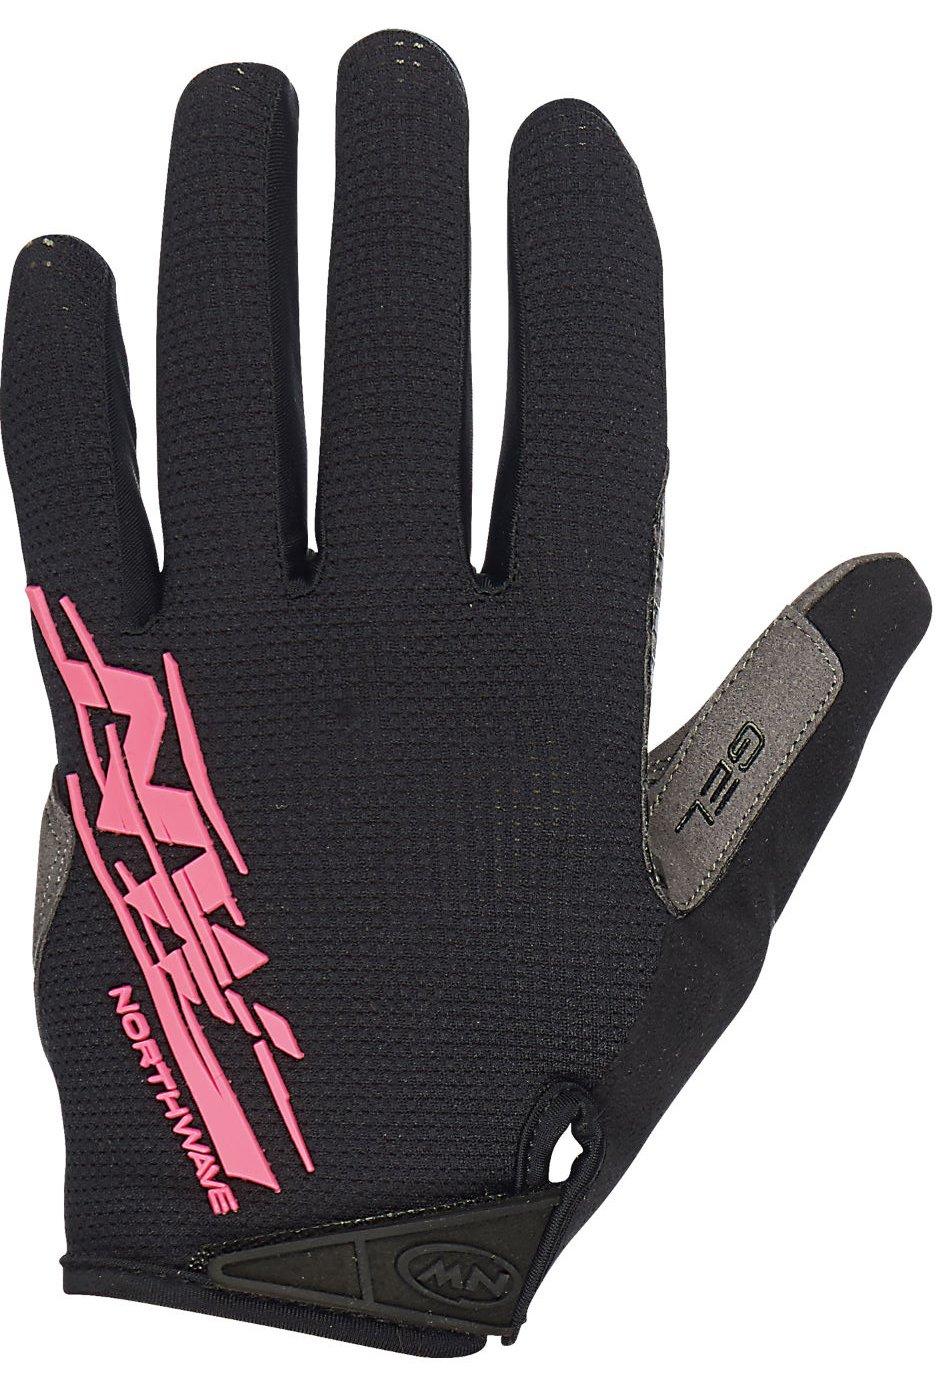 Northwave MTB Air Handsker til kvinder sort/pink